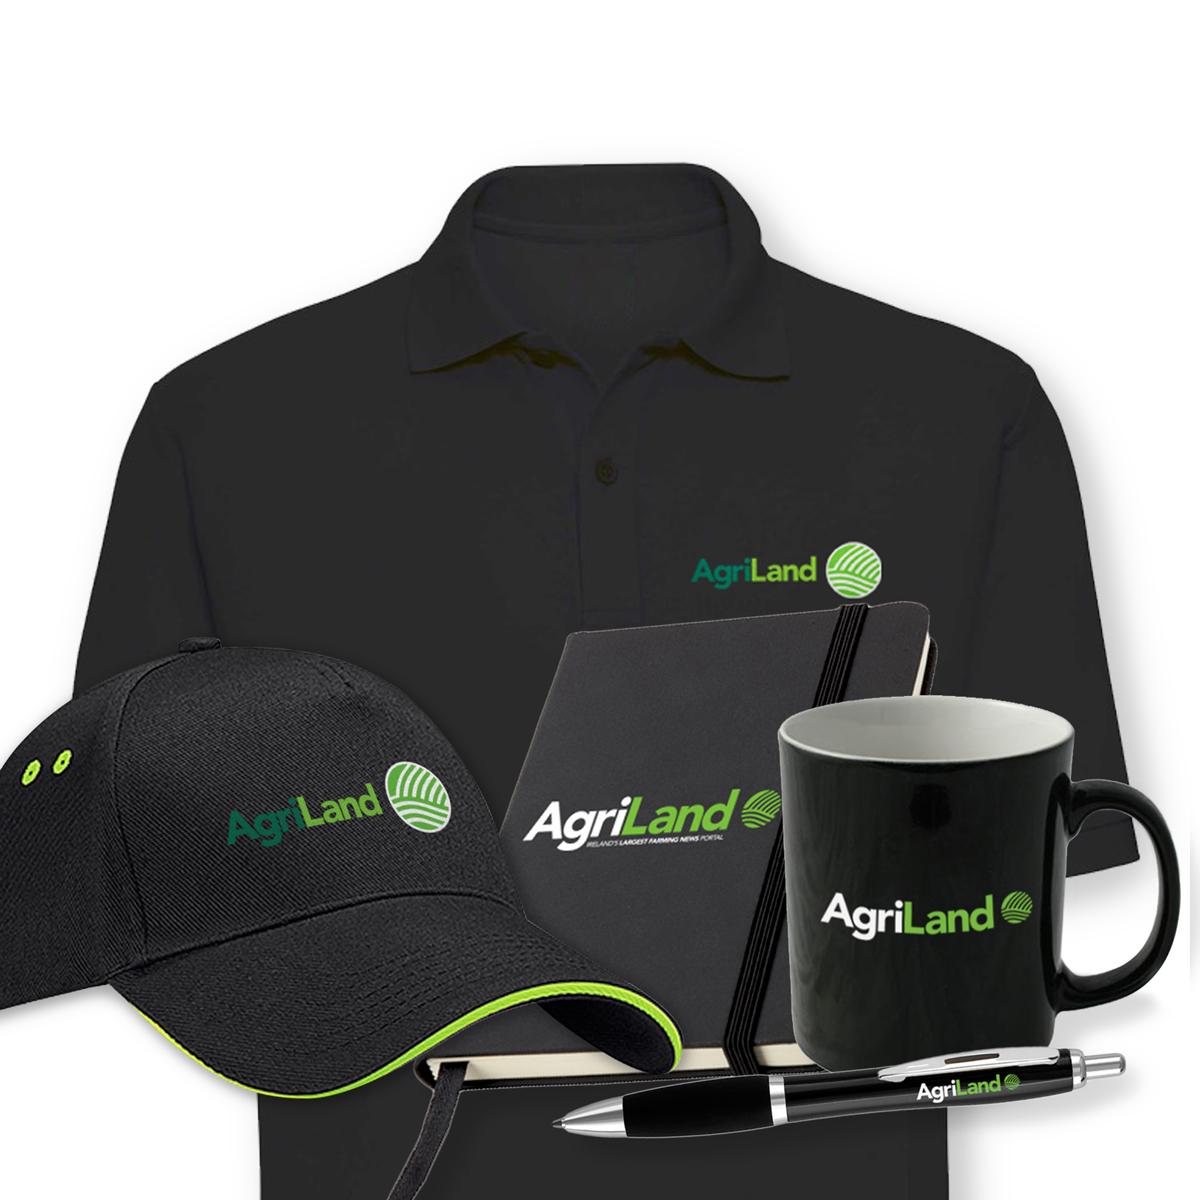 aa781024810 Agriland Gift Bundle (Cap) - Agriretailer